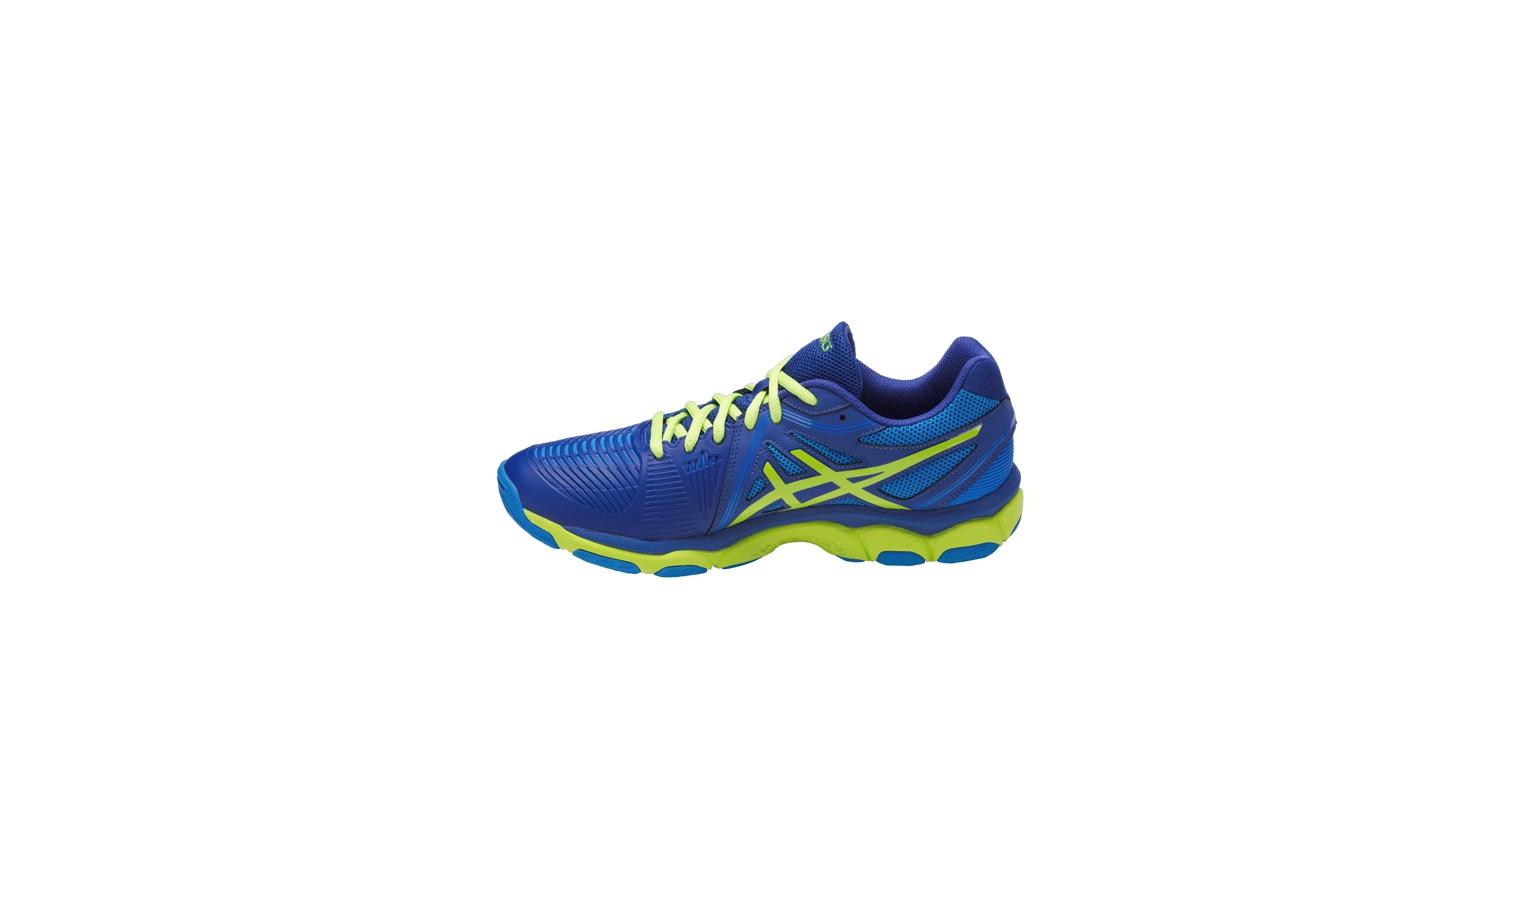 52a4fcf05ea Pánske volejbalové topánky Asics GEL-NETBURNER BALLISTIC modré